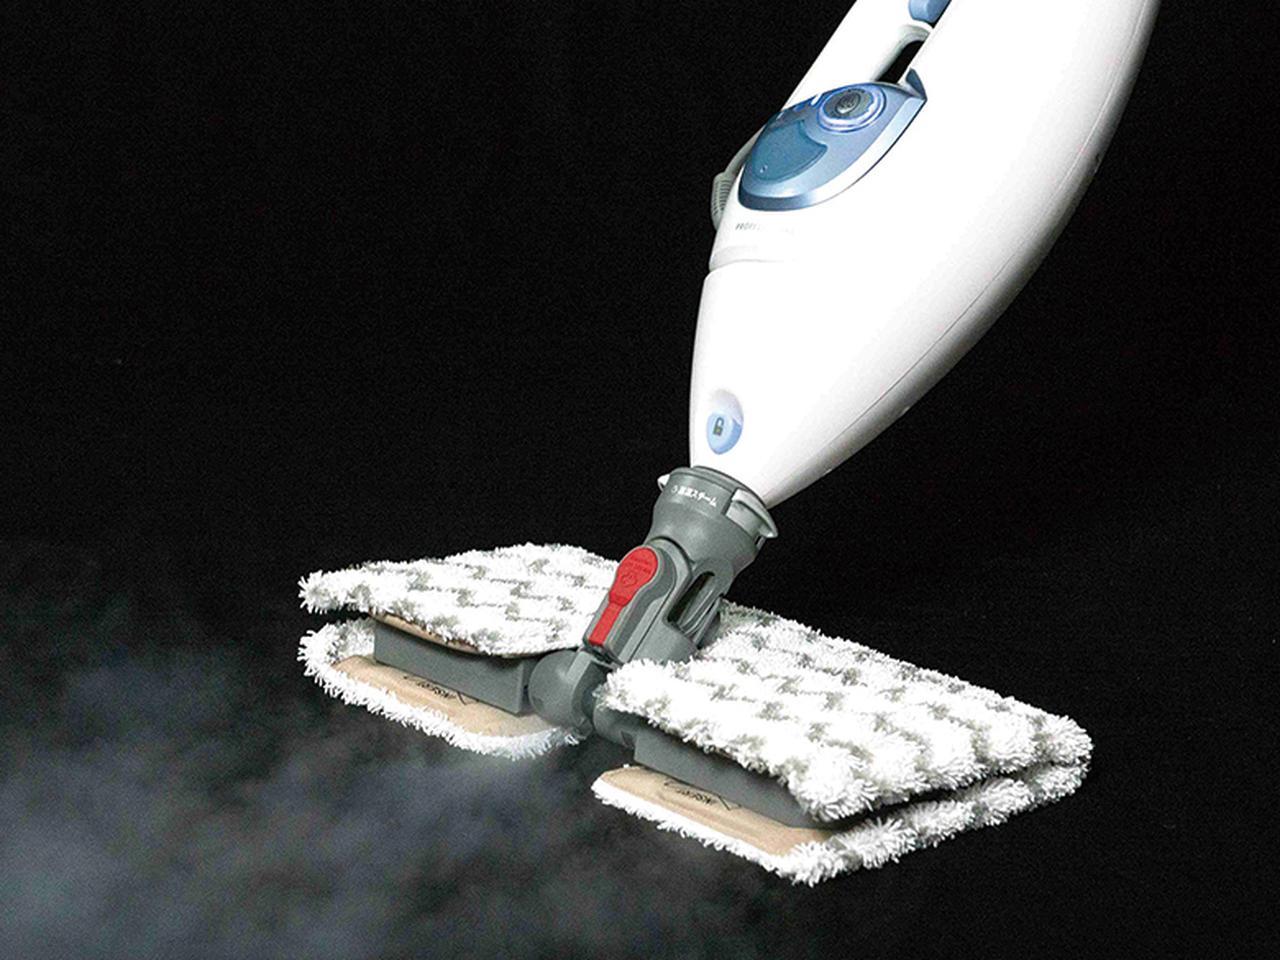 画像: ヘッドを裏返すと噴射口が現れ、高温スチームを集中噴射。こびりついた頑固な汚れもはがしやすくなり、楽に拭き取れる。